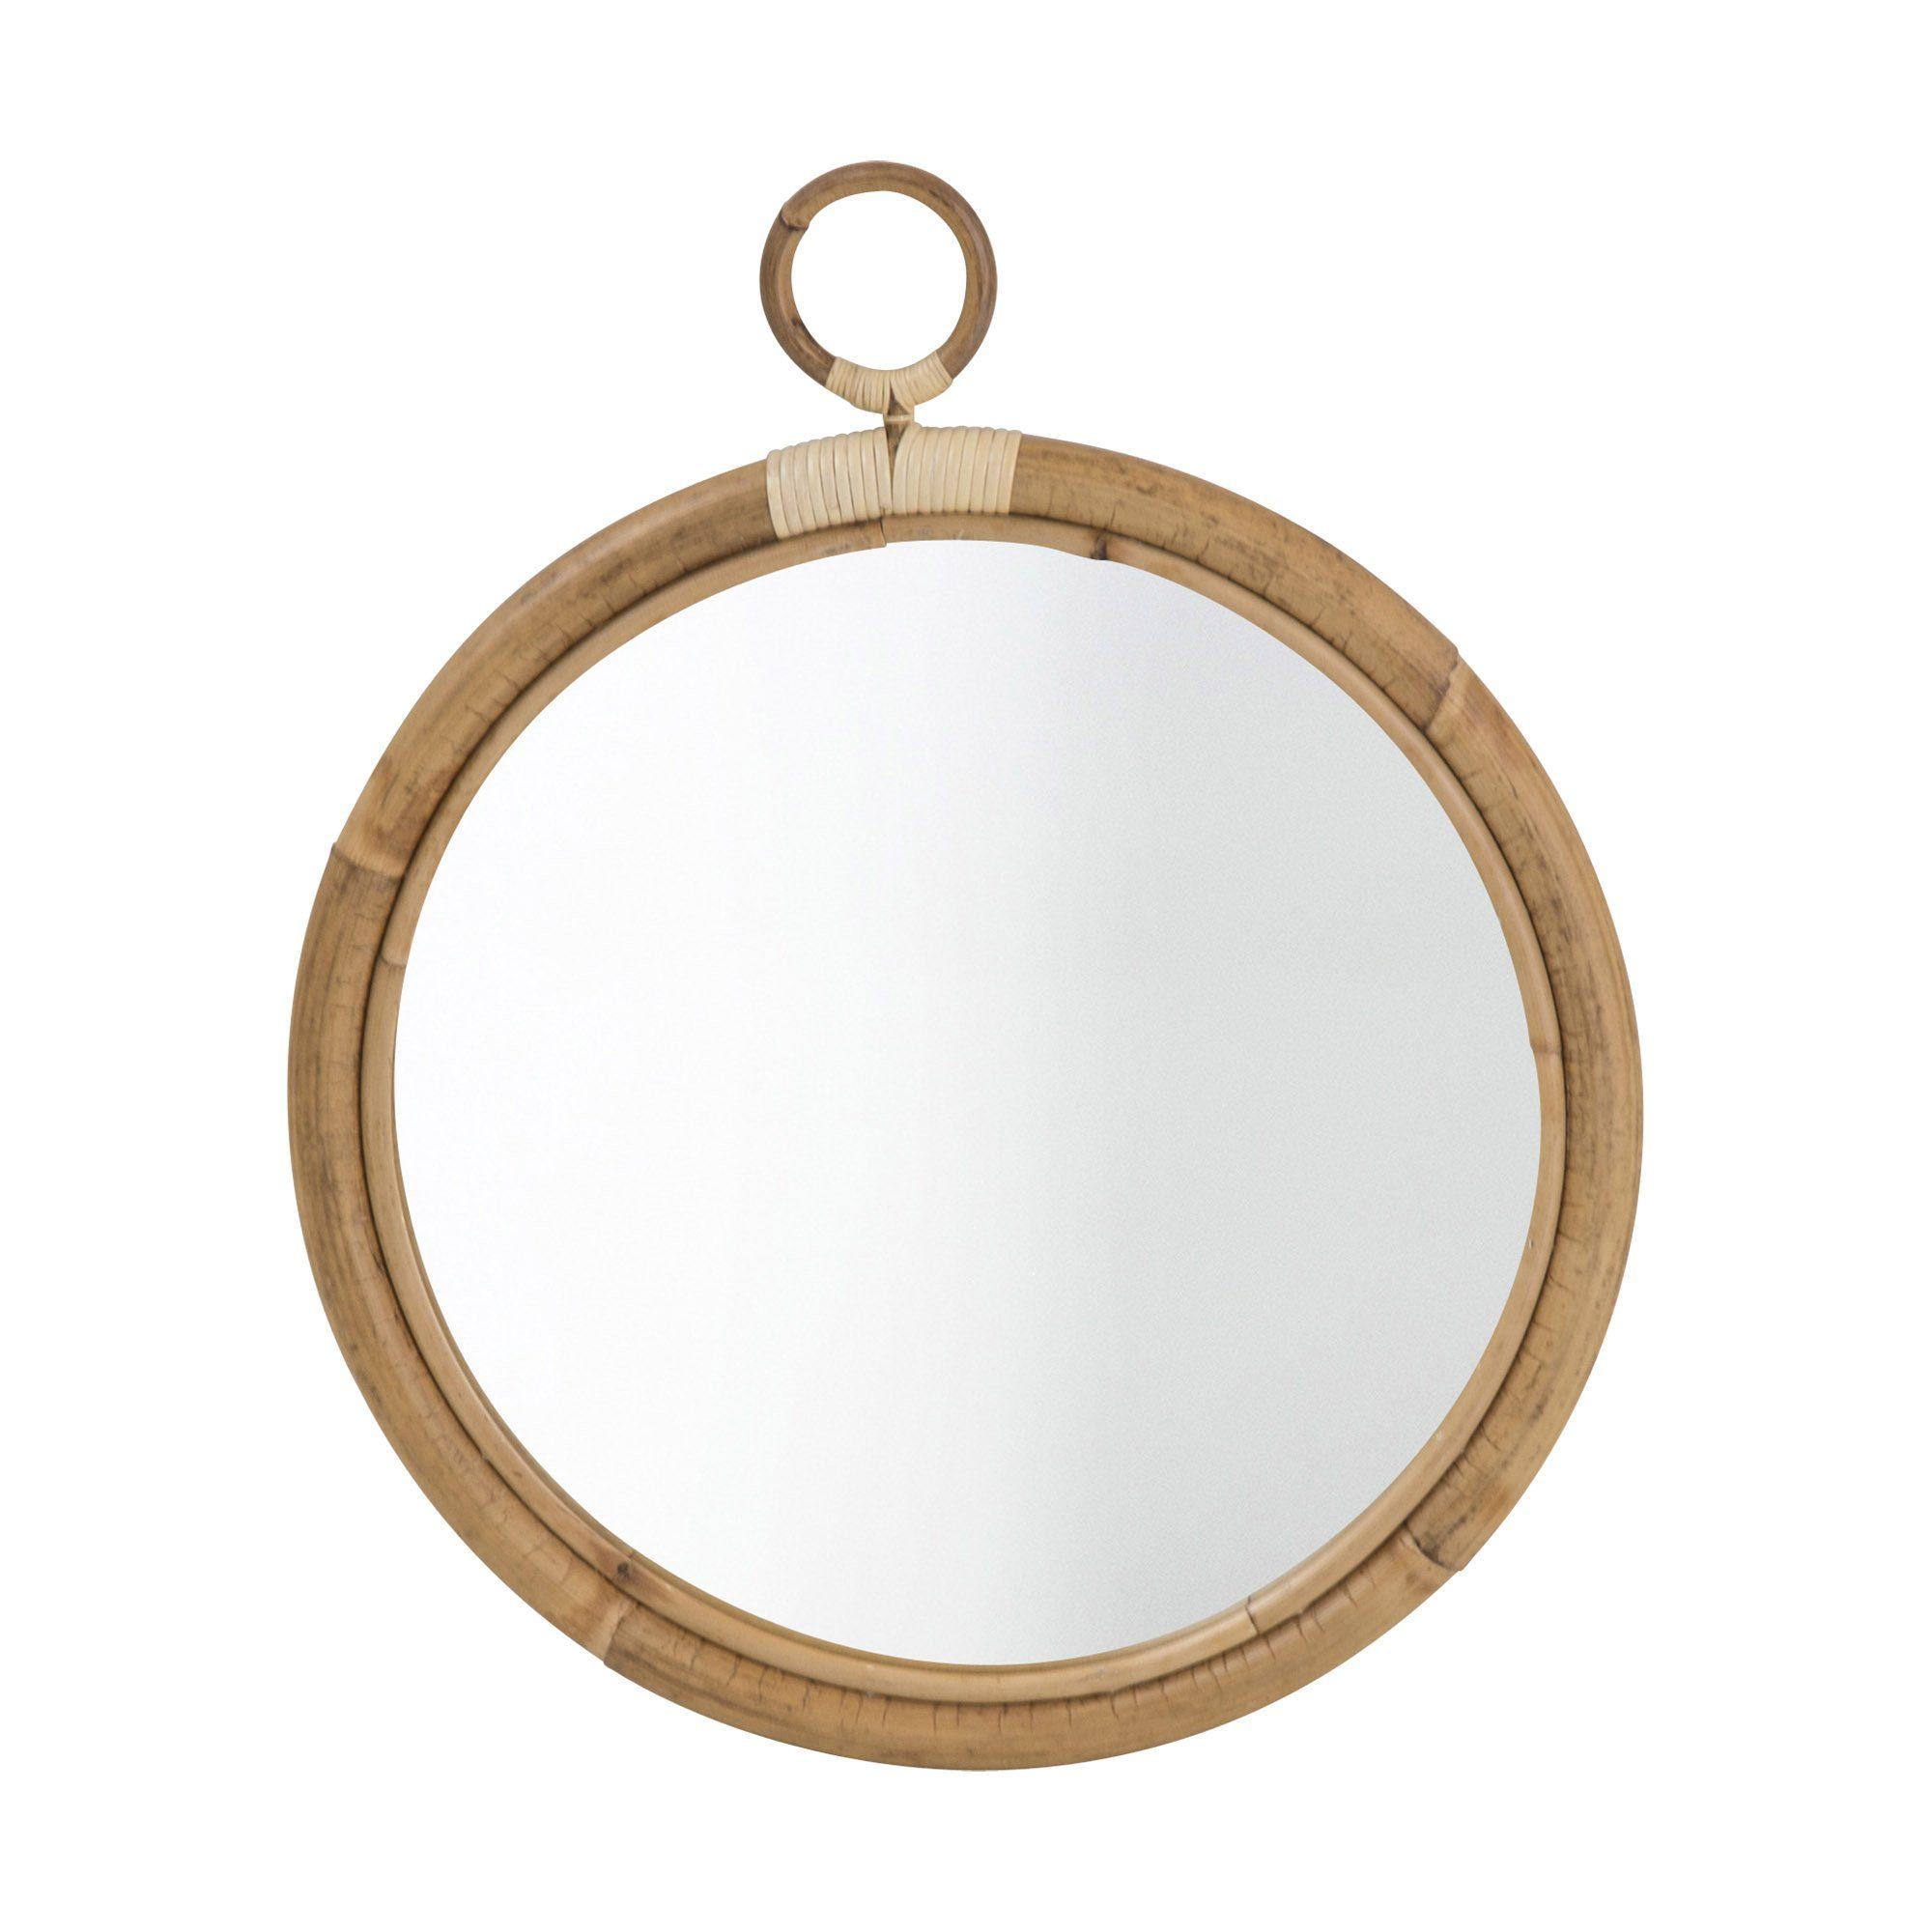 Ella spegel från Sika-Design.